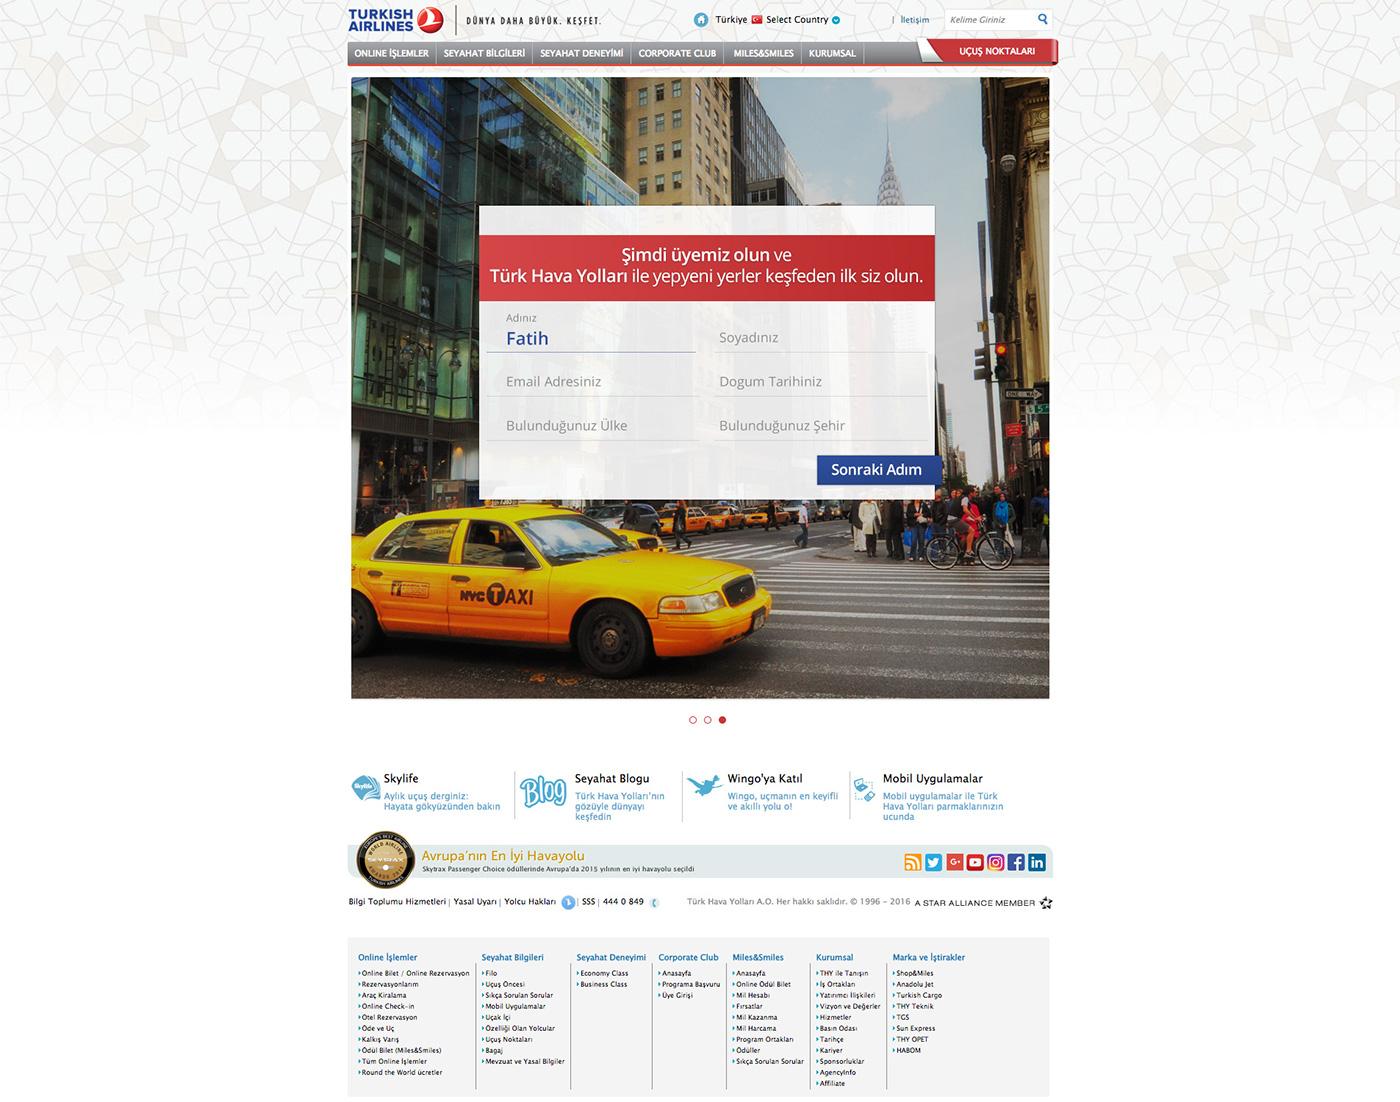 Travel,adviser,Airlines,tourism,wizard,turkish